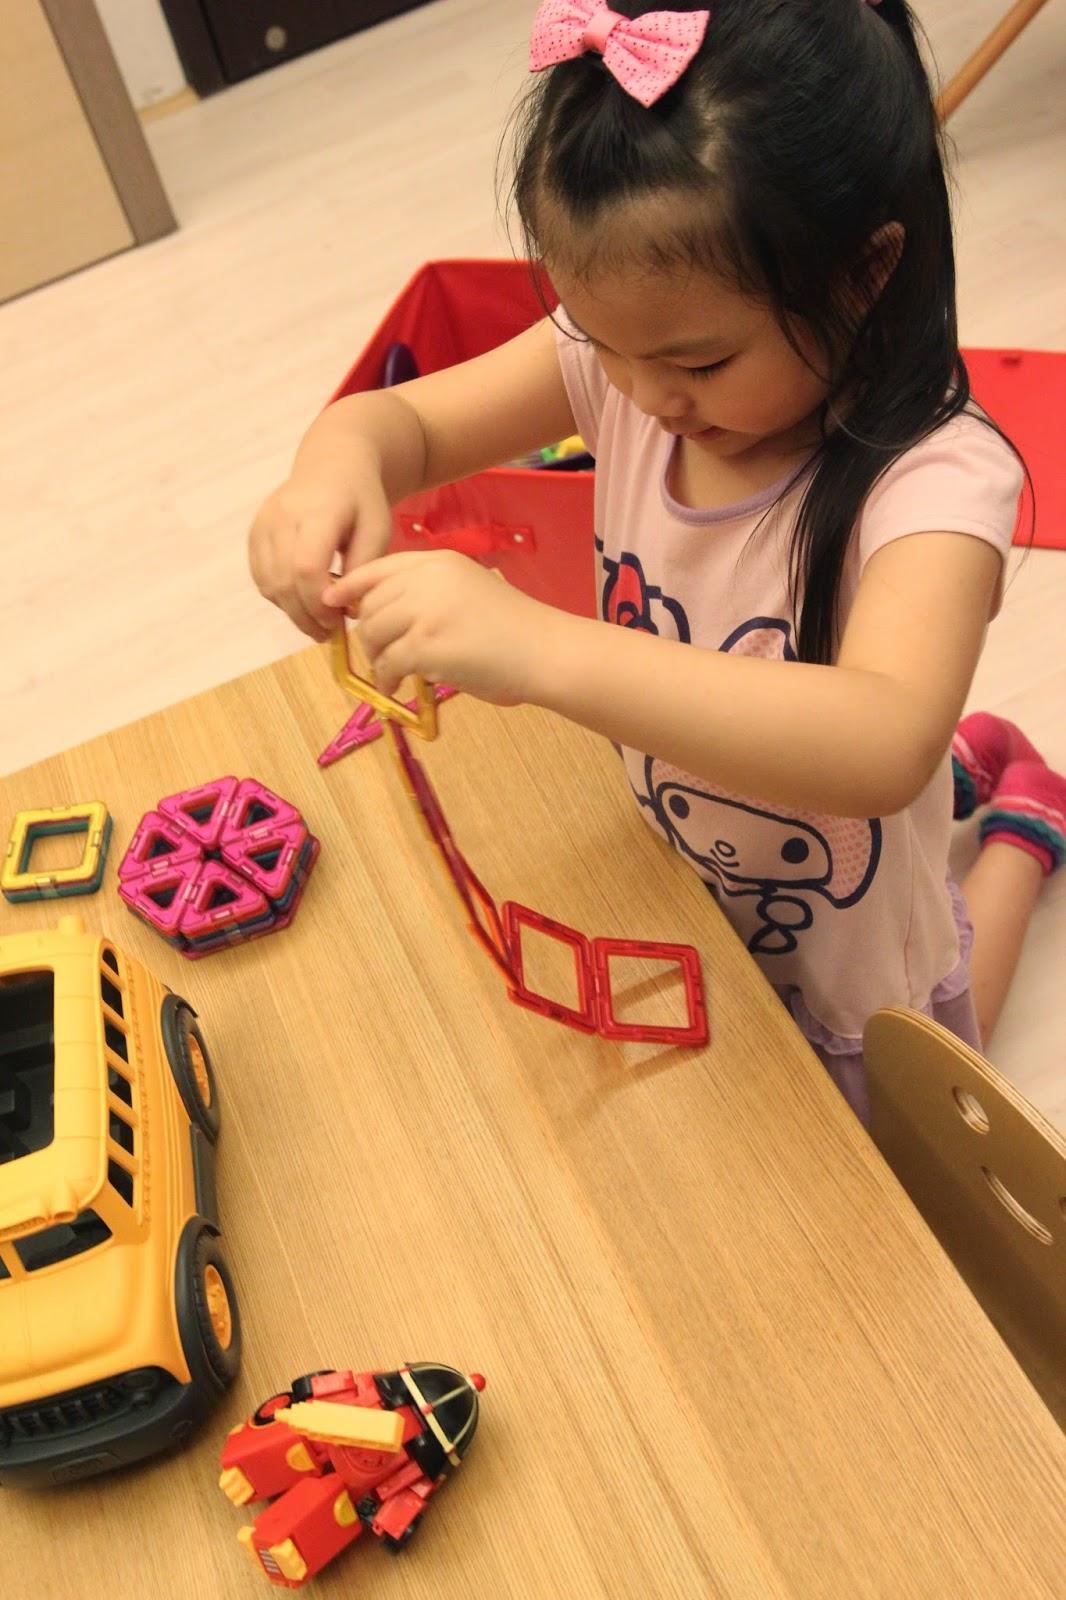 莎莎醬: 【育兒】最近玩什麼?姊弟瘋Magformers 磁性建構片